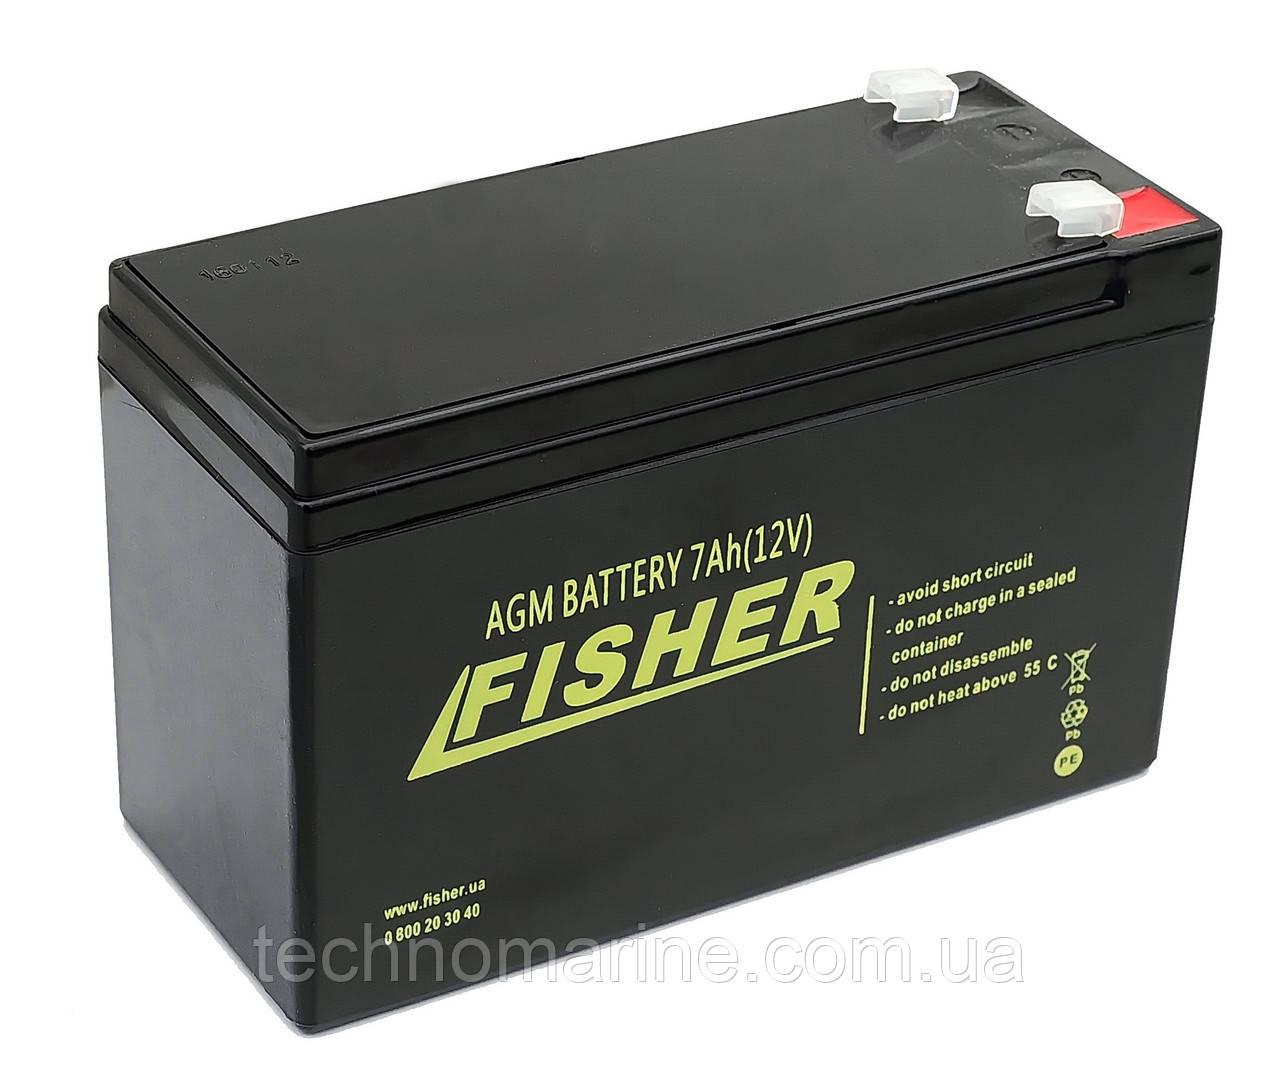 аккумулятор для эхолота какой лучше